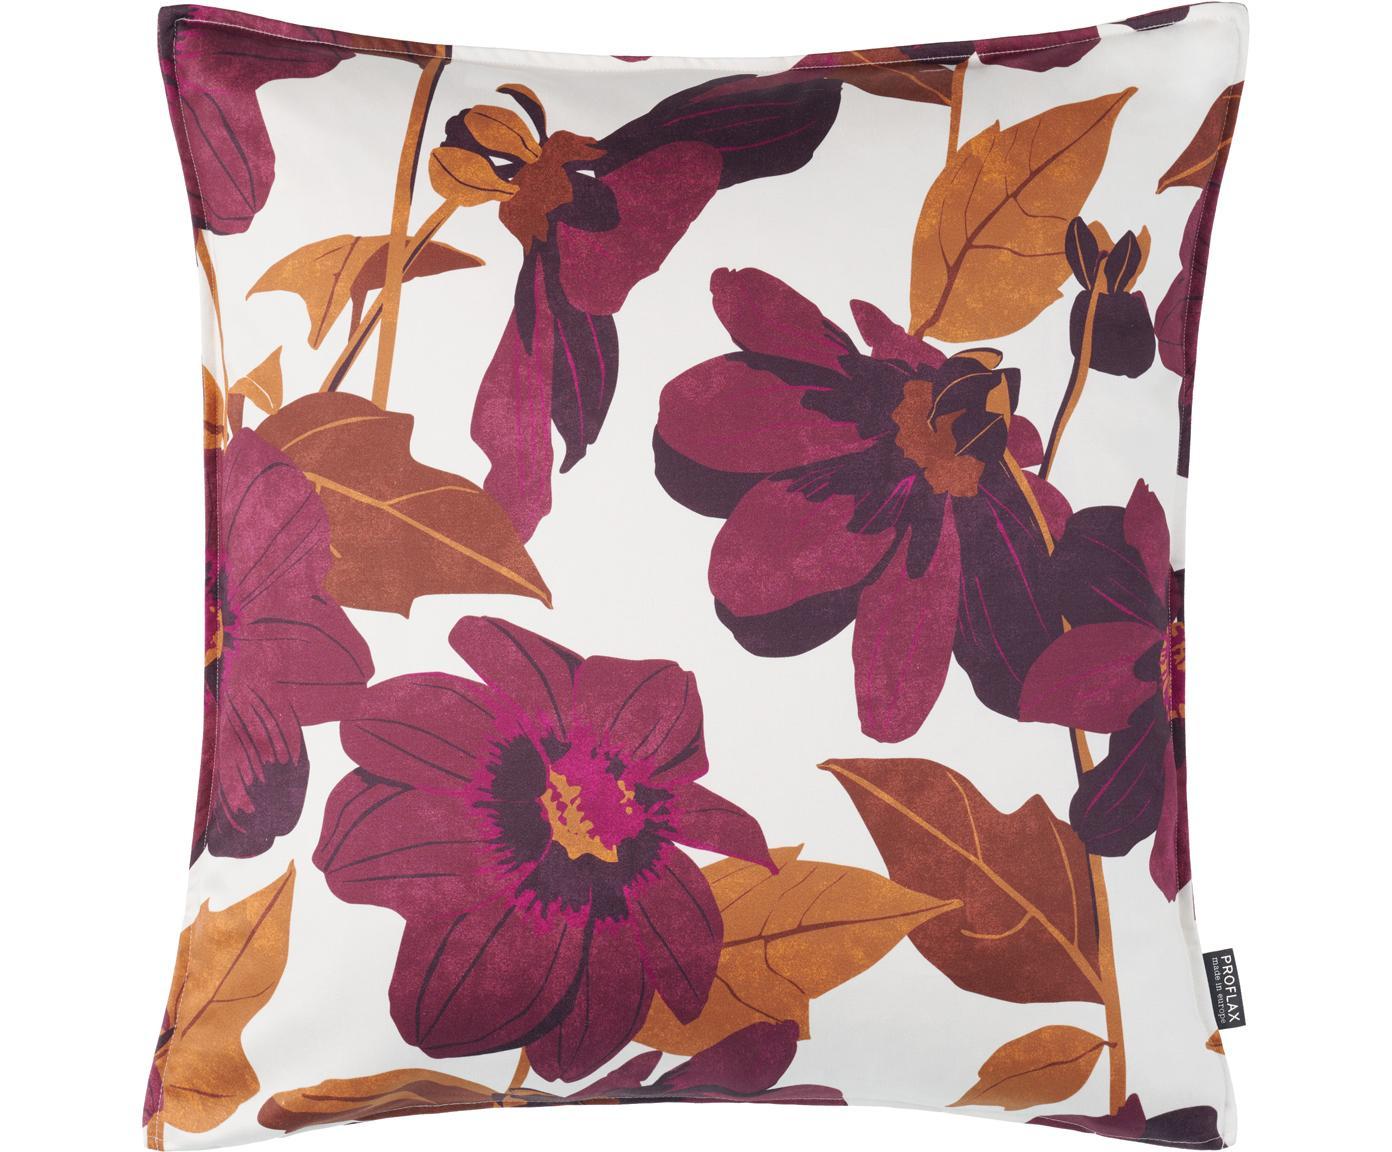 Povlak na polštář s květinovým potiskem Maite, Bílá, fialová, oranžová